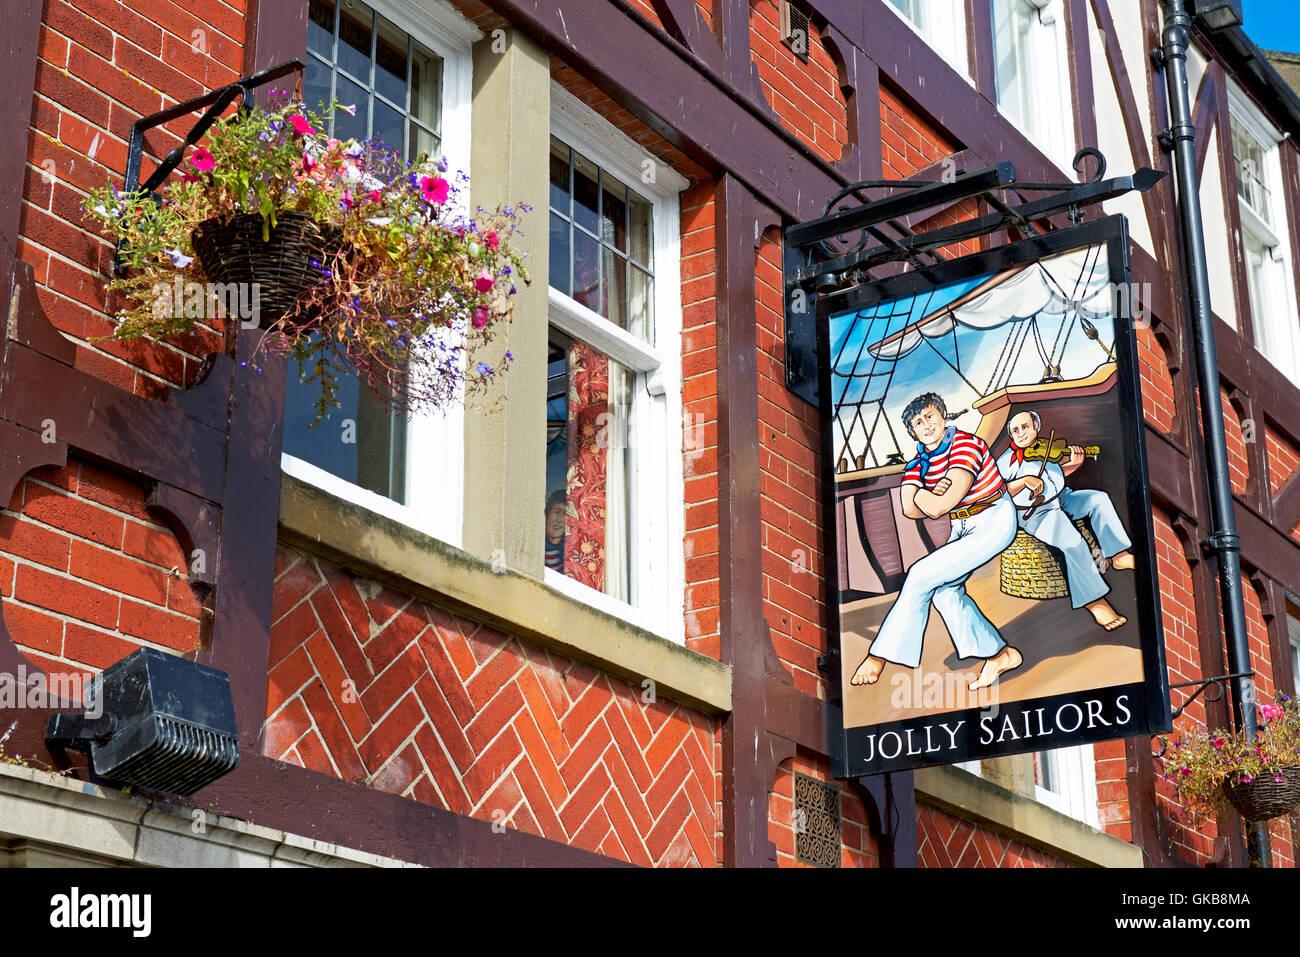 Señal para el el pub Jolly Sailor, Whitby, North Yorkshire, Inglaterra Imagen De Stock